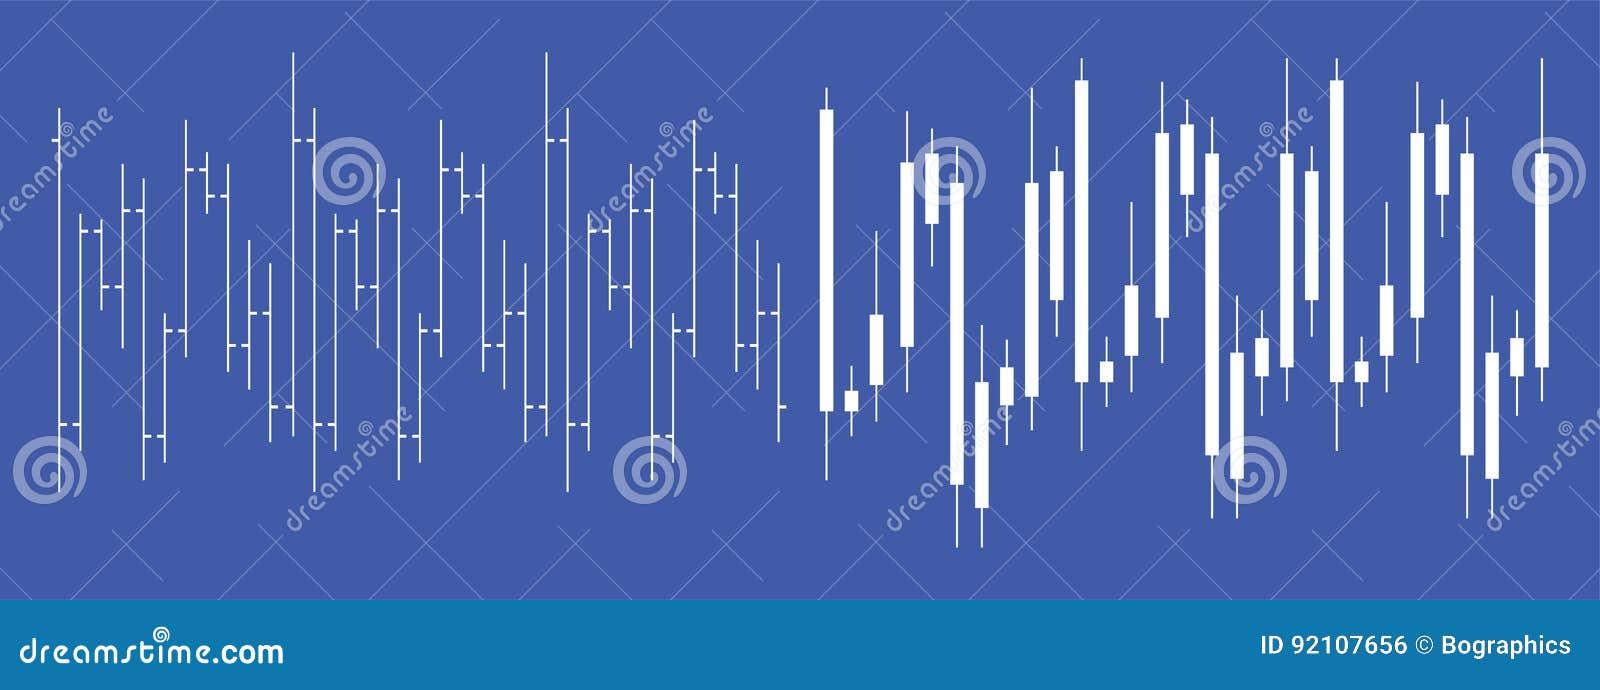 Börse Devisenkerzenständerdiagramm